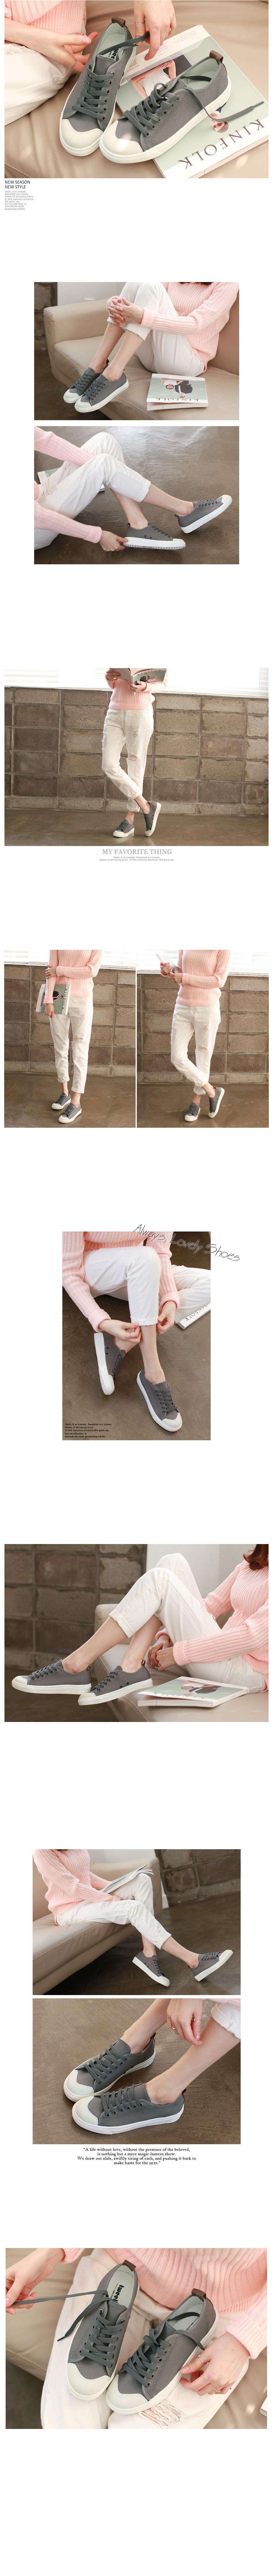 Getts sneakers 3cm